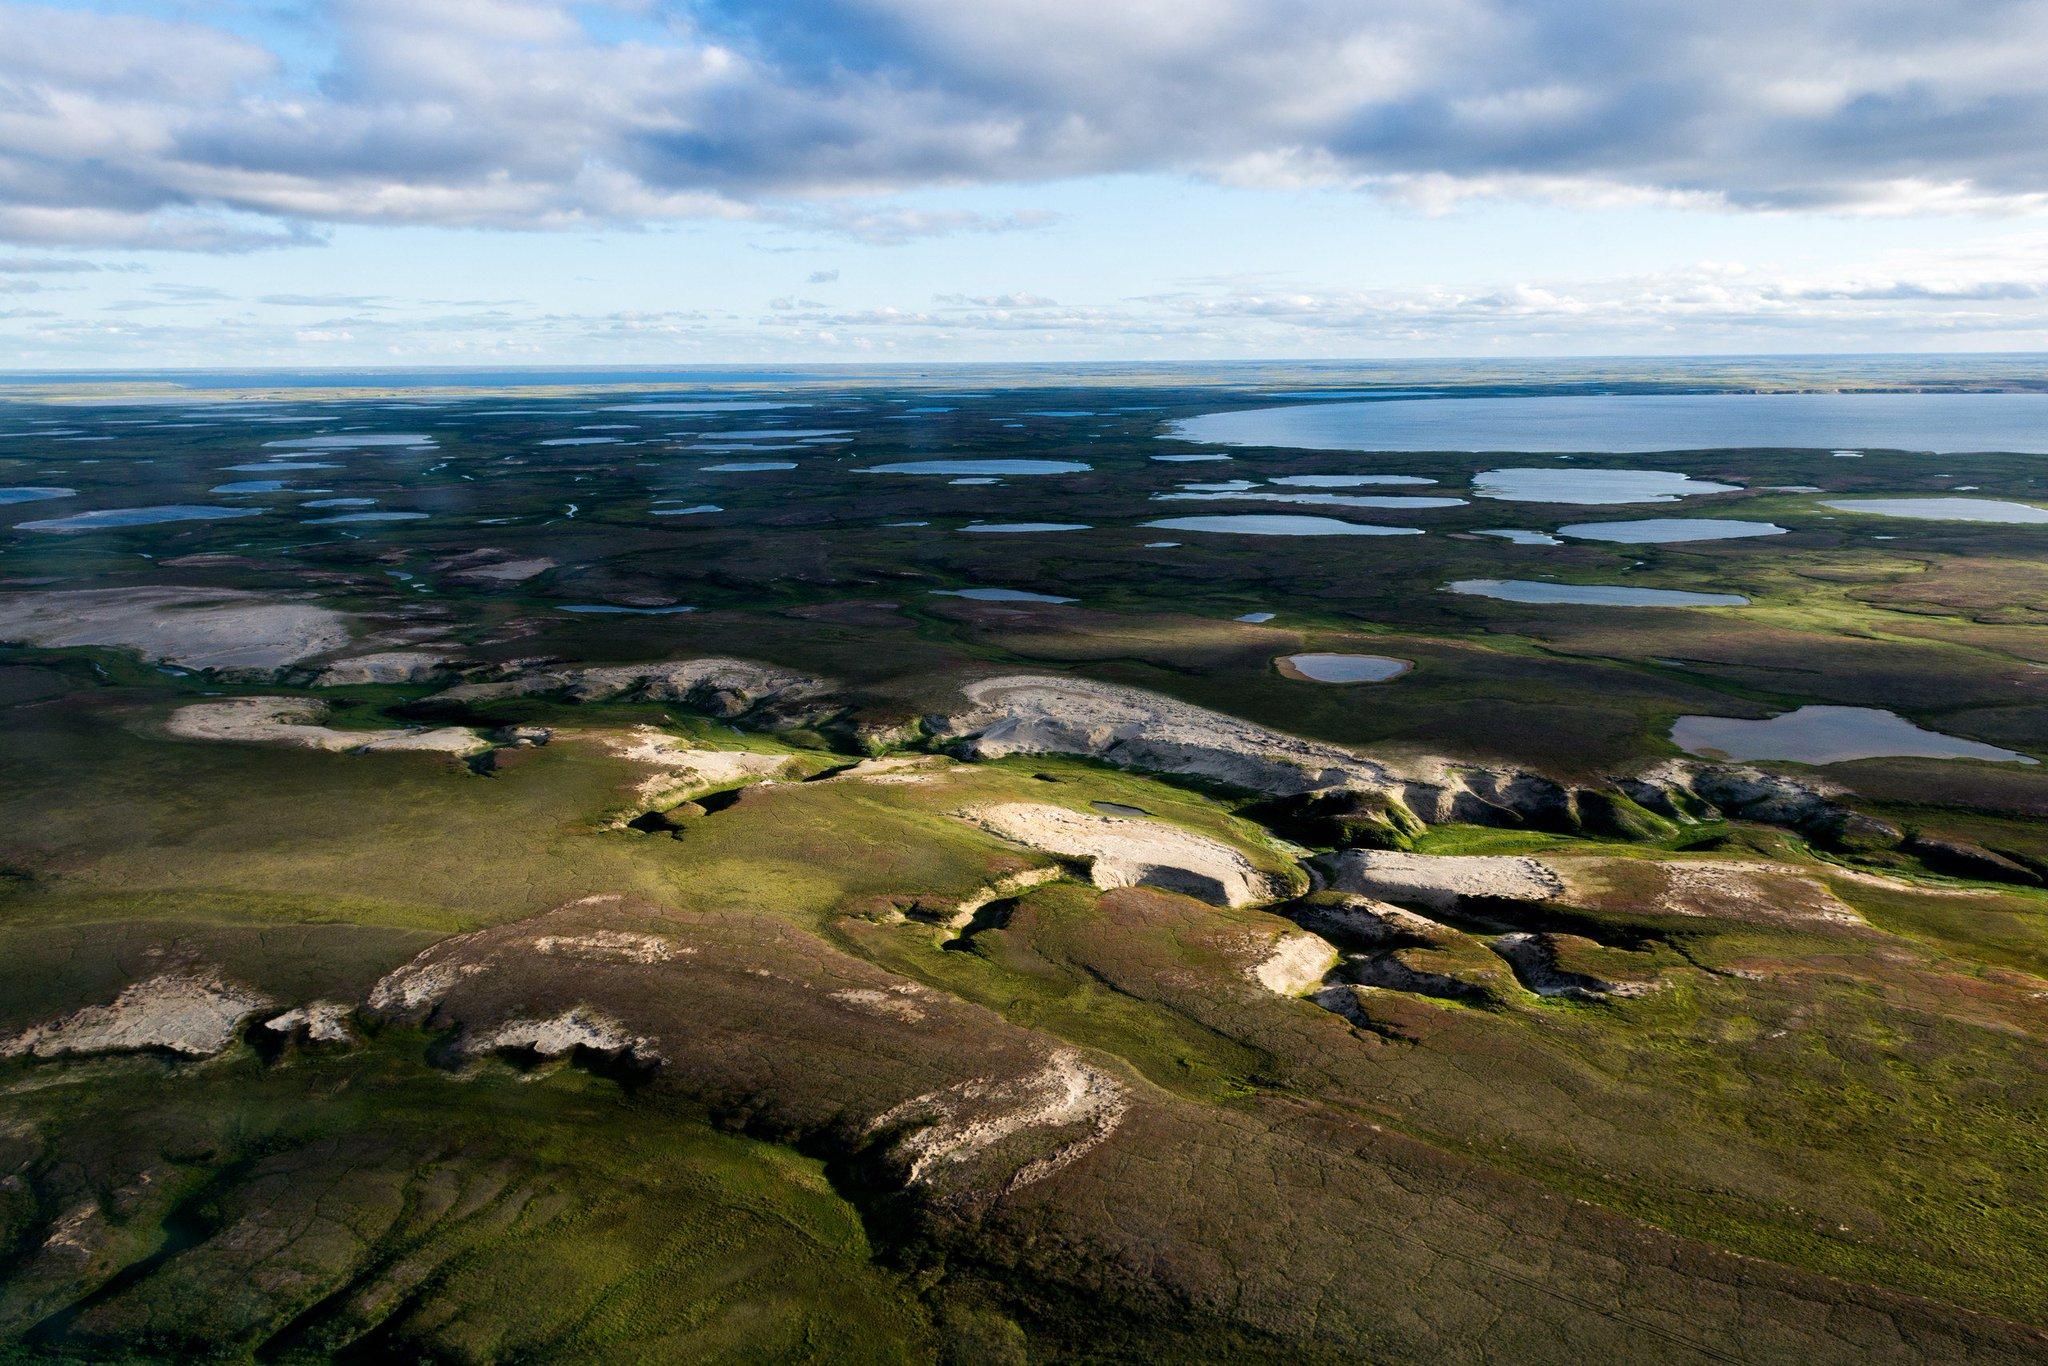 картинки полуострова ямал вывели морозостойкие сорта